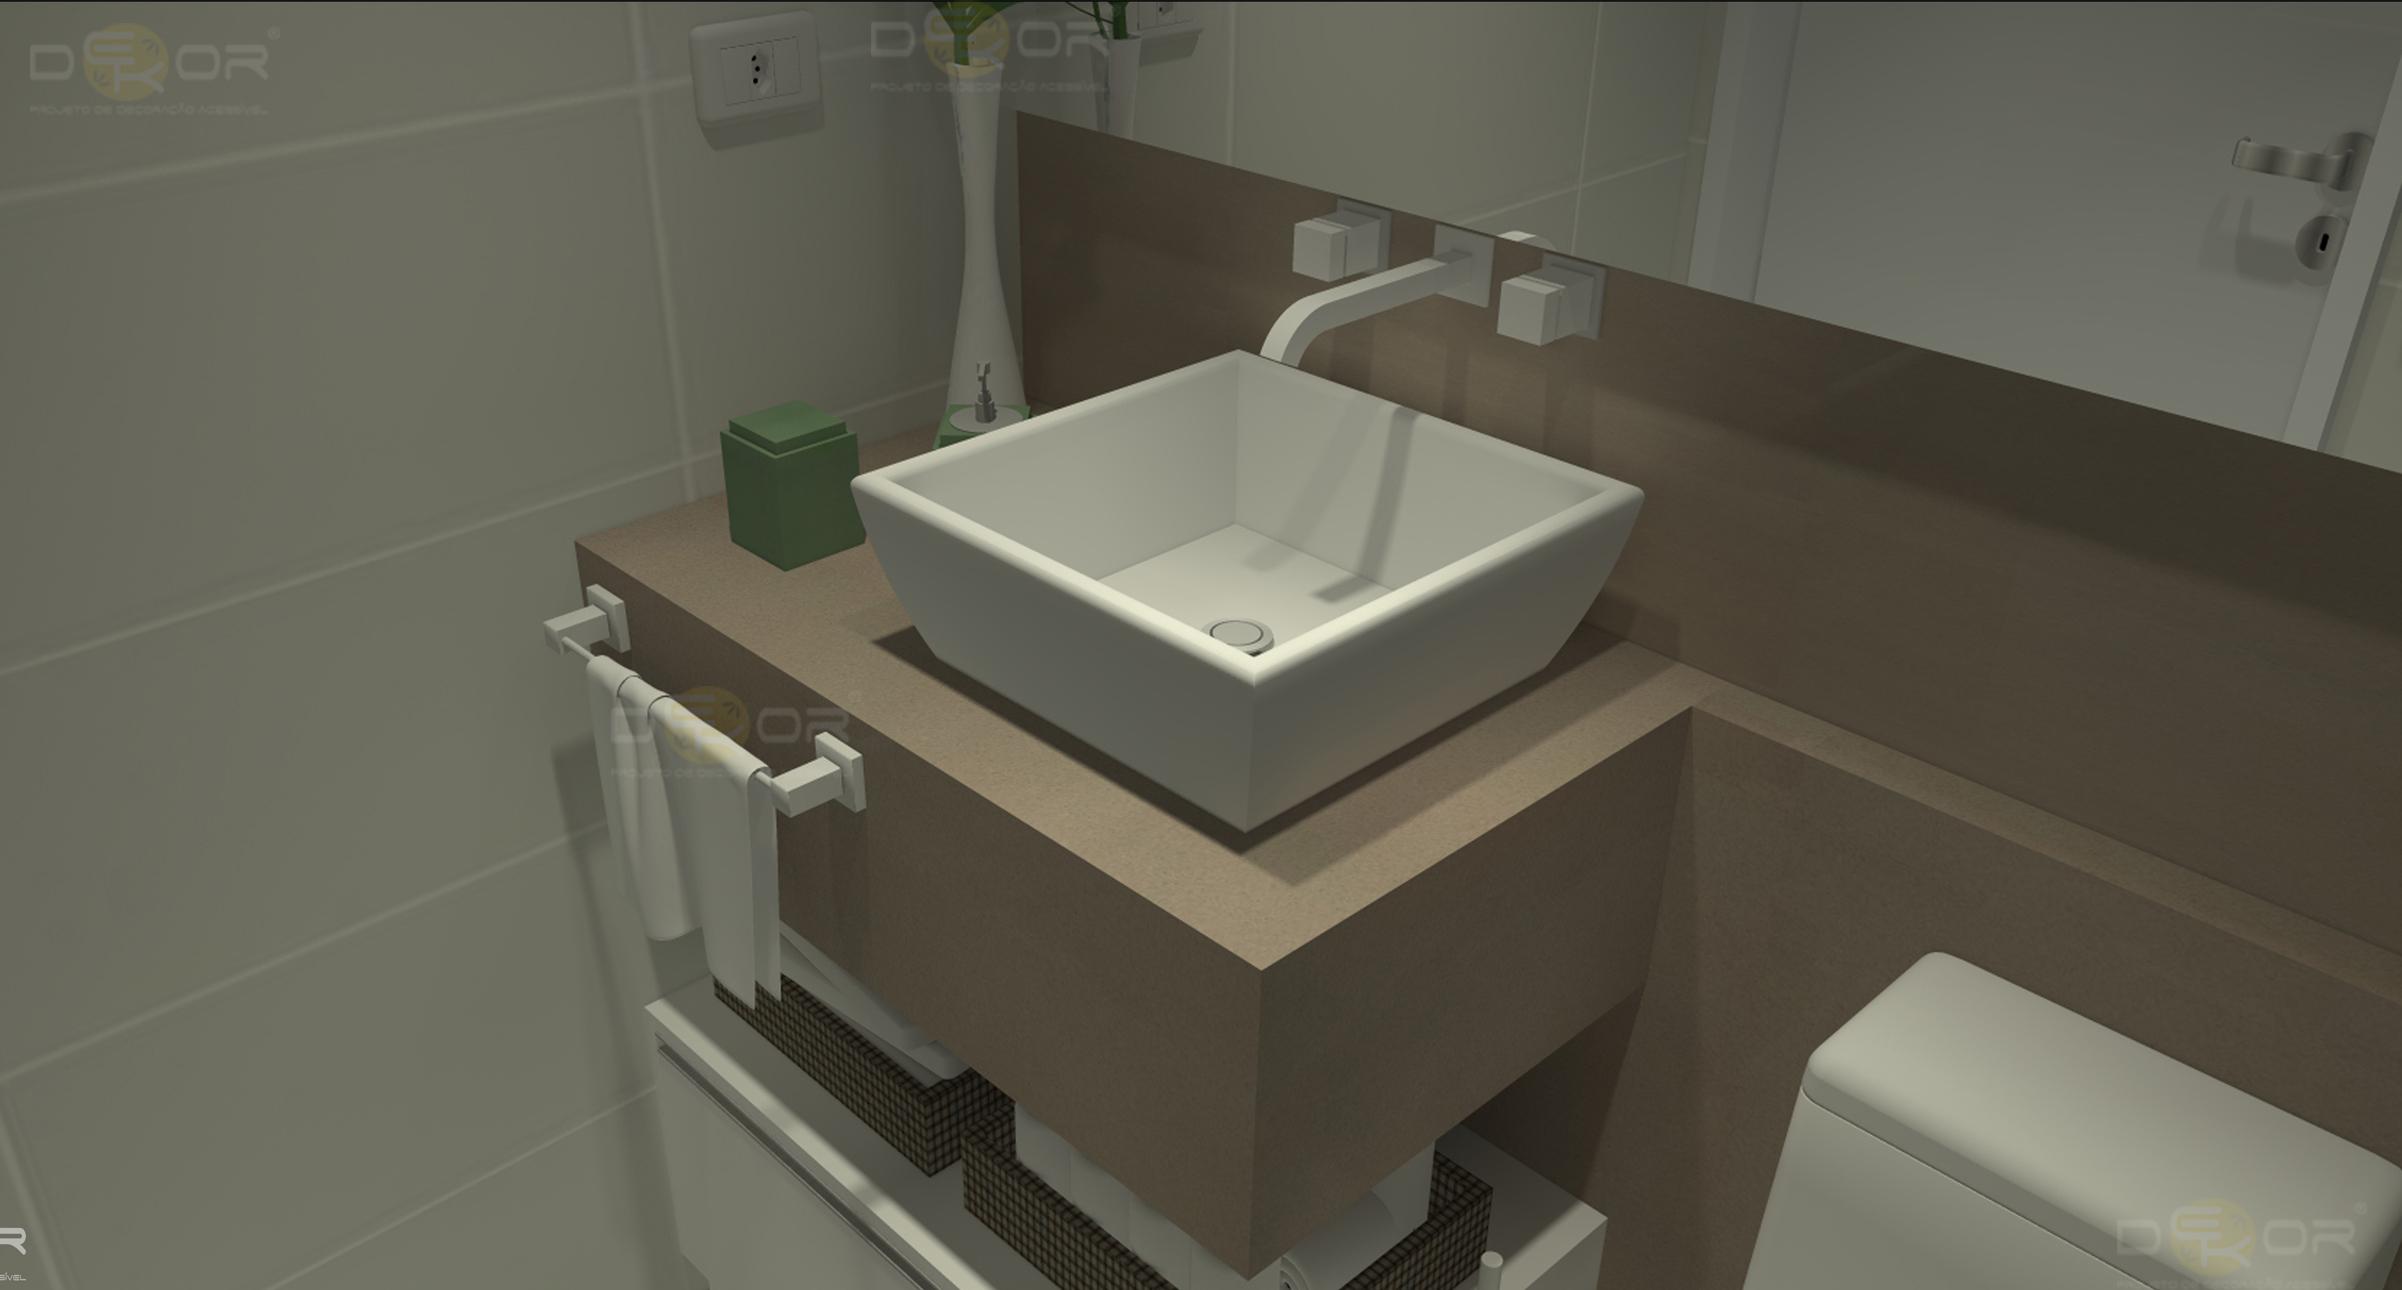 05/03/2014 2402 × 1290 Projeto de Banheiro – Decoração Online #21 #7A7851 2402 1290